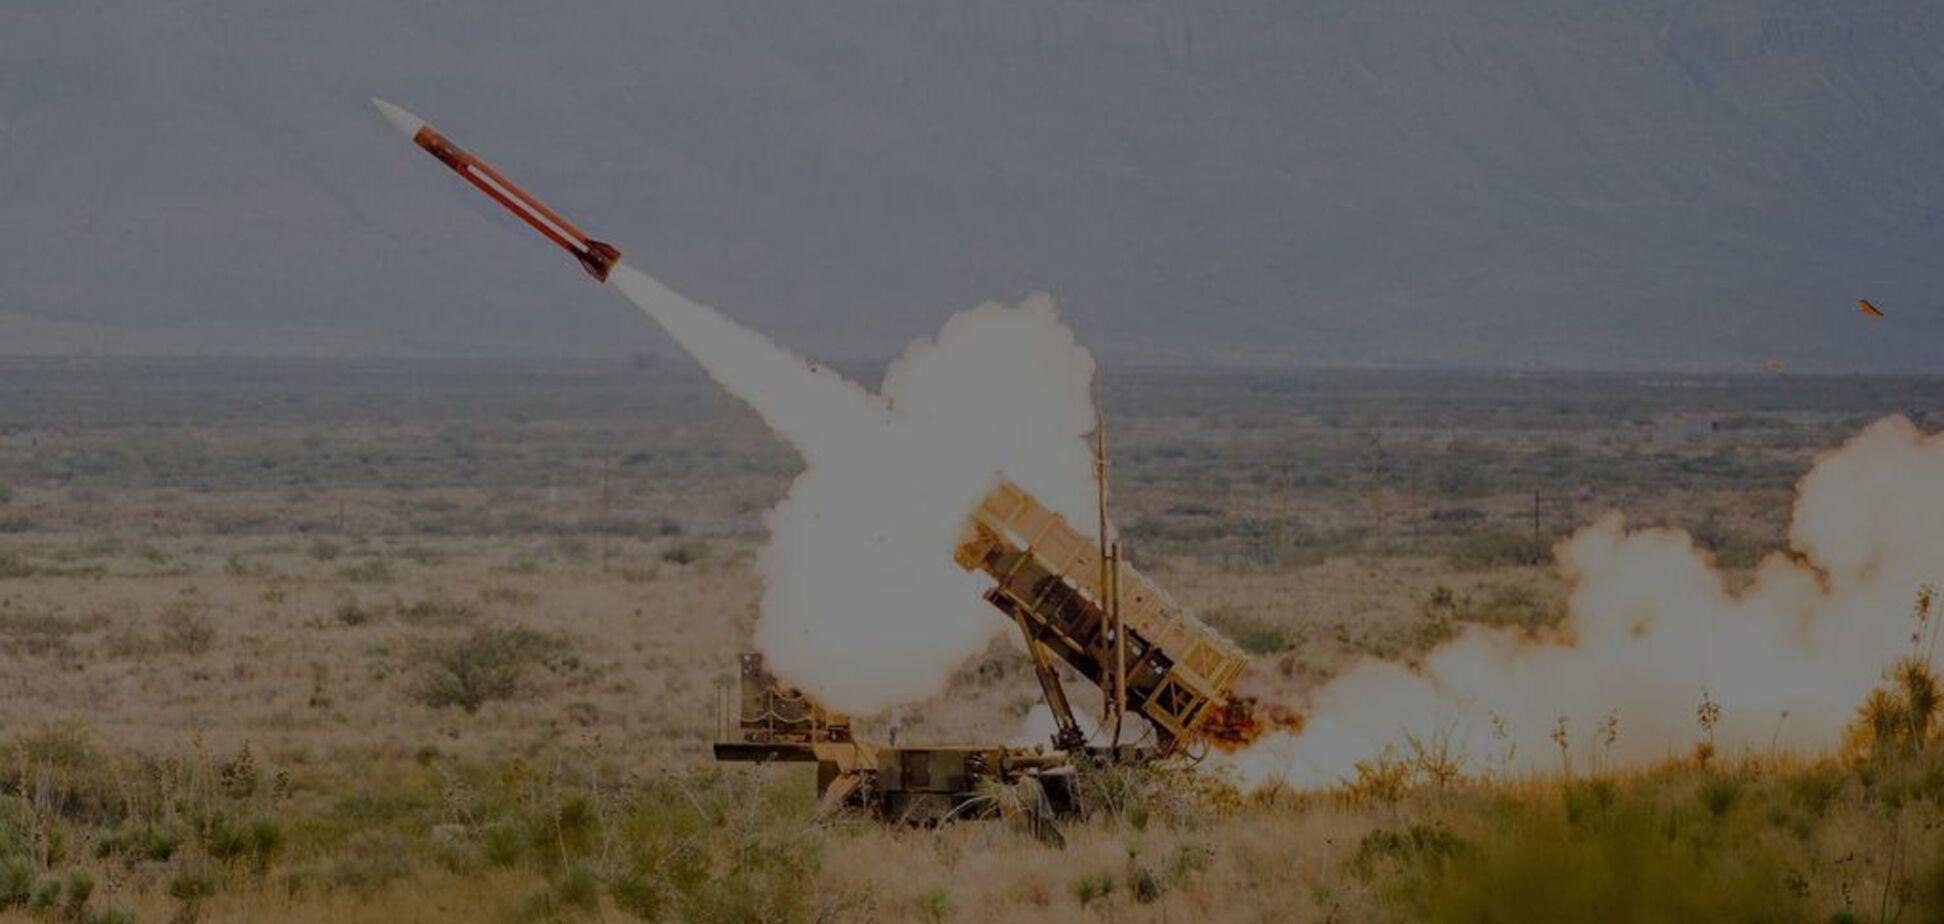 Ракетные базы США в Украине: эксперт озвучил прогноз